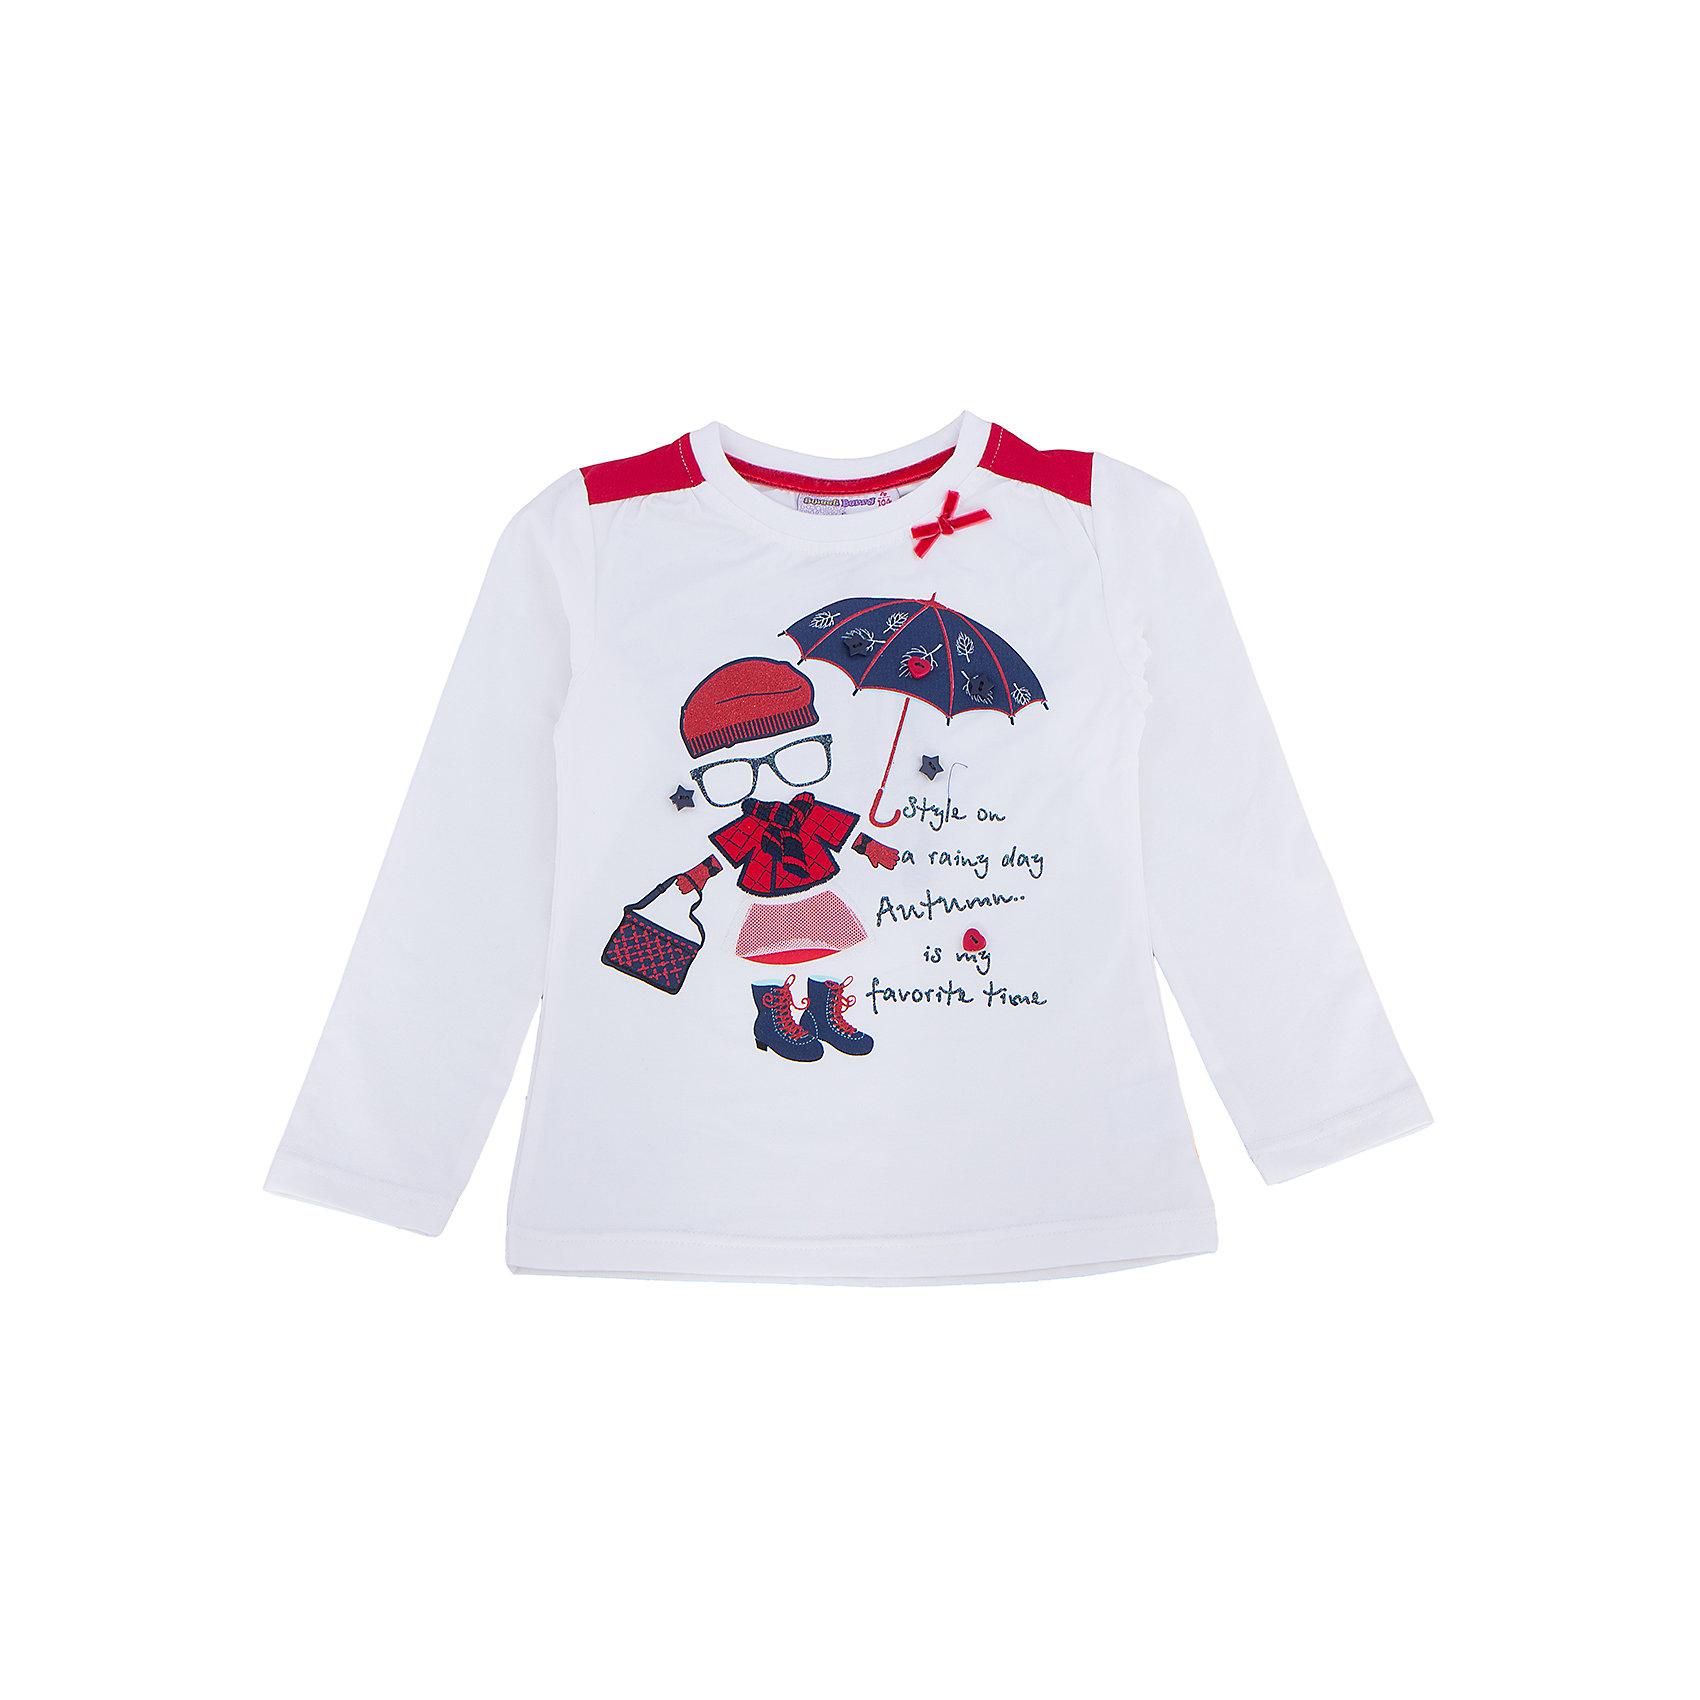 Футболка с длинным рукавом для девочки Sweet BerryФутболки с длинным рукавом<br>Эта футболка с длинным рукавом для девочки отличается модным дизайном с ярким принтом. Удачный крой обеспечит ребенку комфорт и тепло. Вещь плотно прилегает к телу там, где нужно, и отлично сидит по фигуре.<br>Одежда от бренда Sweet Berry - это простой и выгодный способ одеть ребенка удобно и стильно. Всё изделия тщательно проработаны: швы - прочные, материал - качественный, фурнитура - подобранная специально для детей. <br><br>Дополнительная информация:<br><br>цвет: белый;<br>материал: 95% хлопок, 5% эластан;<br>декорирована принтом и аппликацией.<br><br>Футболку с длинным рукавом для девочки от бренда Sweet Berry можно купить в нашем интернет-магазине.<br><br>Ширина мм: 230<br>Глубина мм: 40<br>Высота мм: 220<br>Вес г: 250<br>Цвет: белый<br>Возраст от месяцев: 24<br>Возраст до месяцев: 36<br>Пол: Женский<br>Возраст: Детский<br>Размер: 98,104,110,116,122,128<br>SKU: 4931462